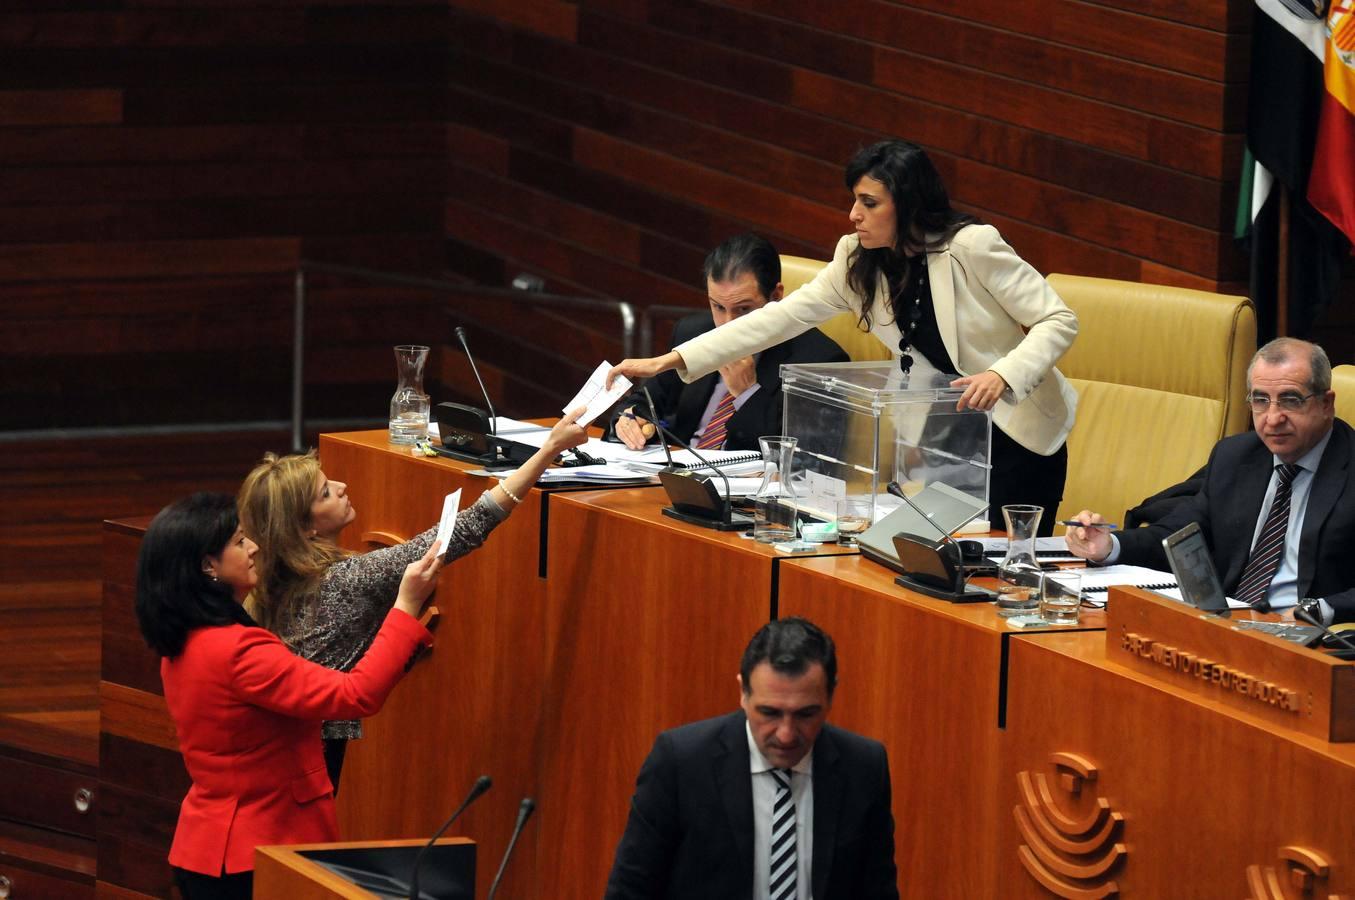 La Asamblea de Extremadura pide parar la reforma del aborto a petición del PP y retirarla a instancias del PSOE